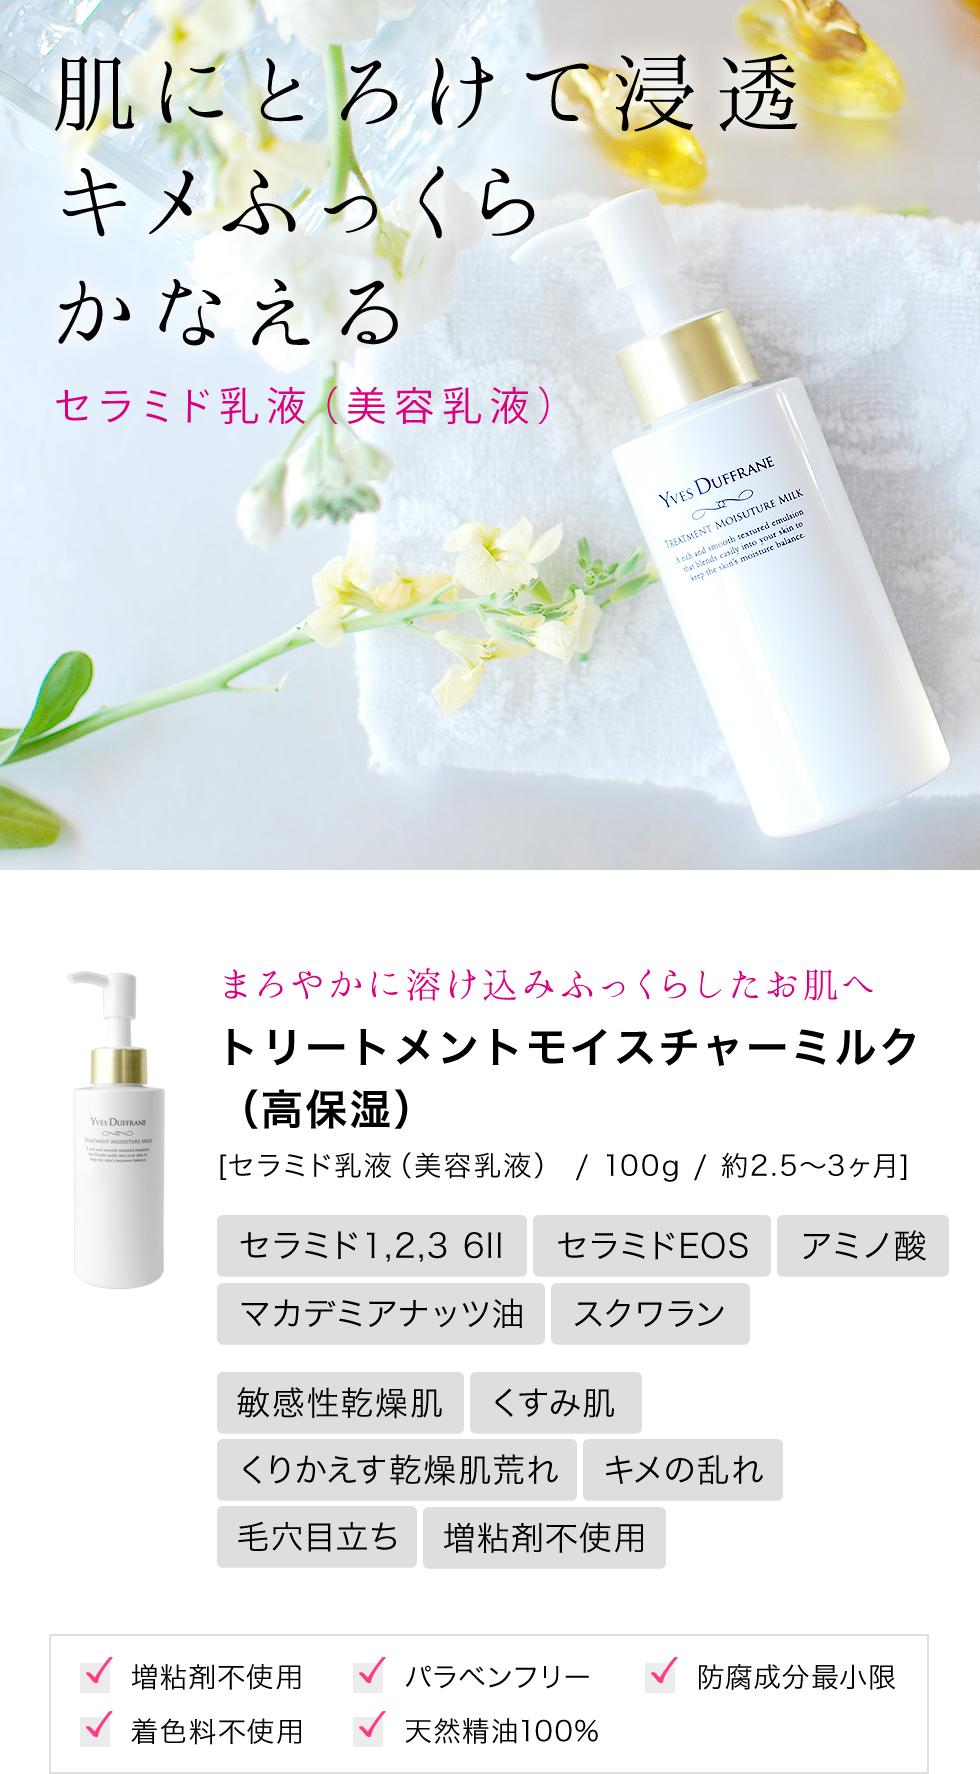 セラミド・アミノ酸 配合 乳液